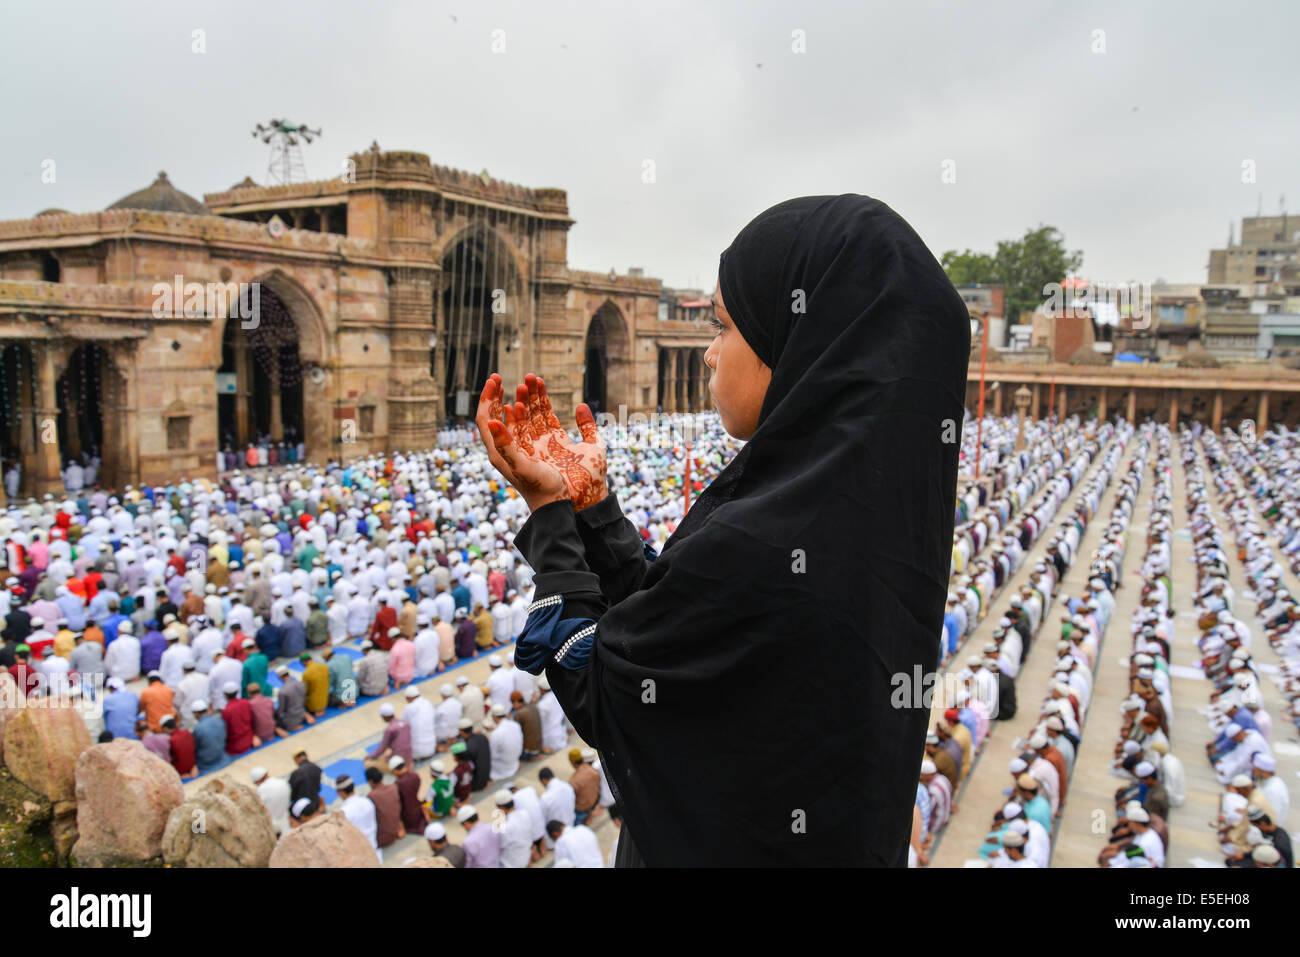 En Ahmedabad, India. El 29 de julio, 2014. Los musulmanes celebran el Eid al-Fitr, que marca el final del mes de Imagen De Stock